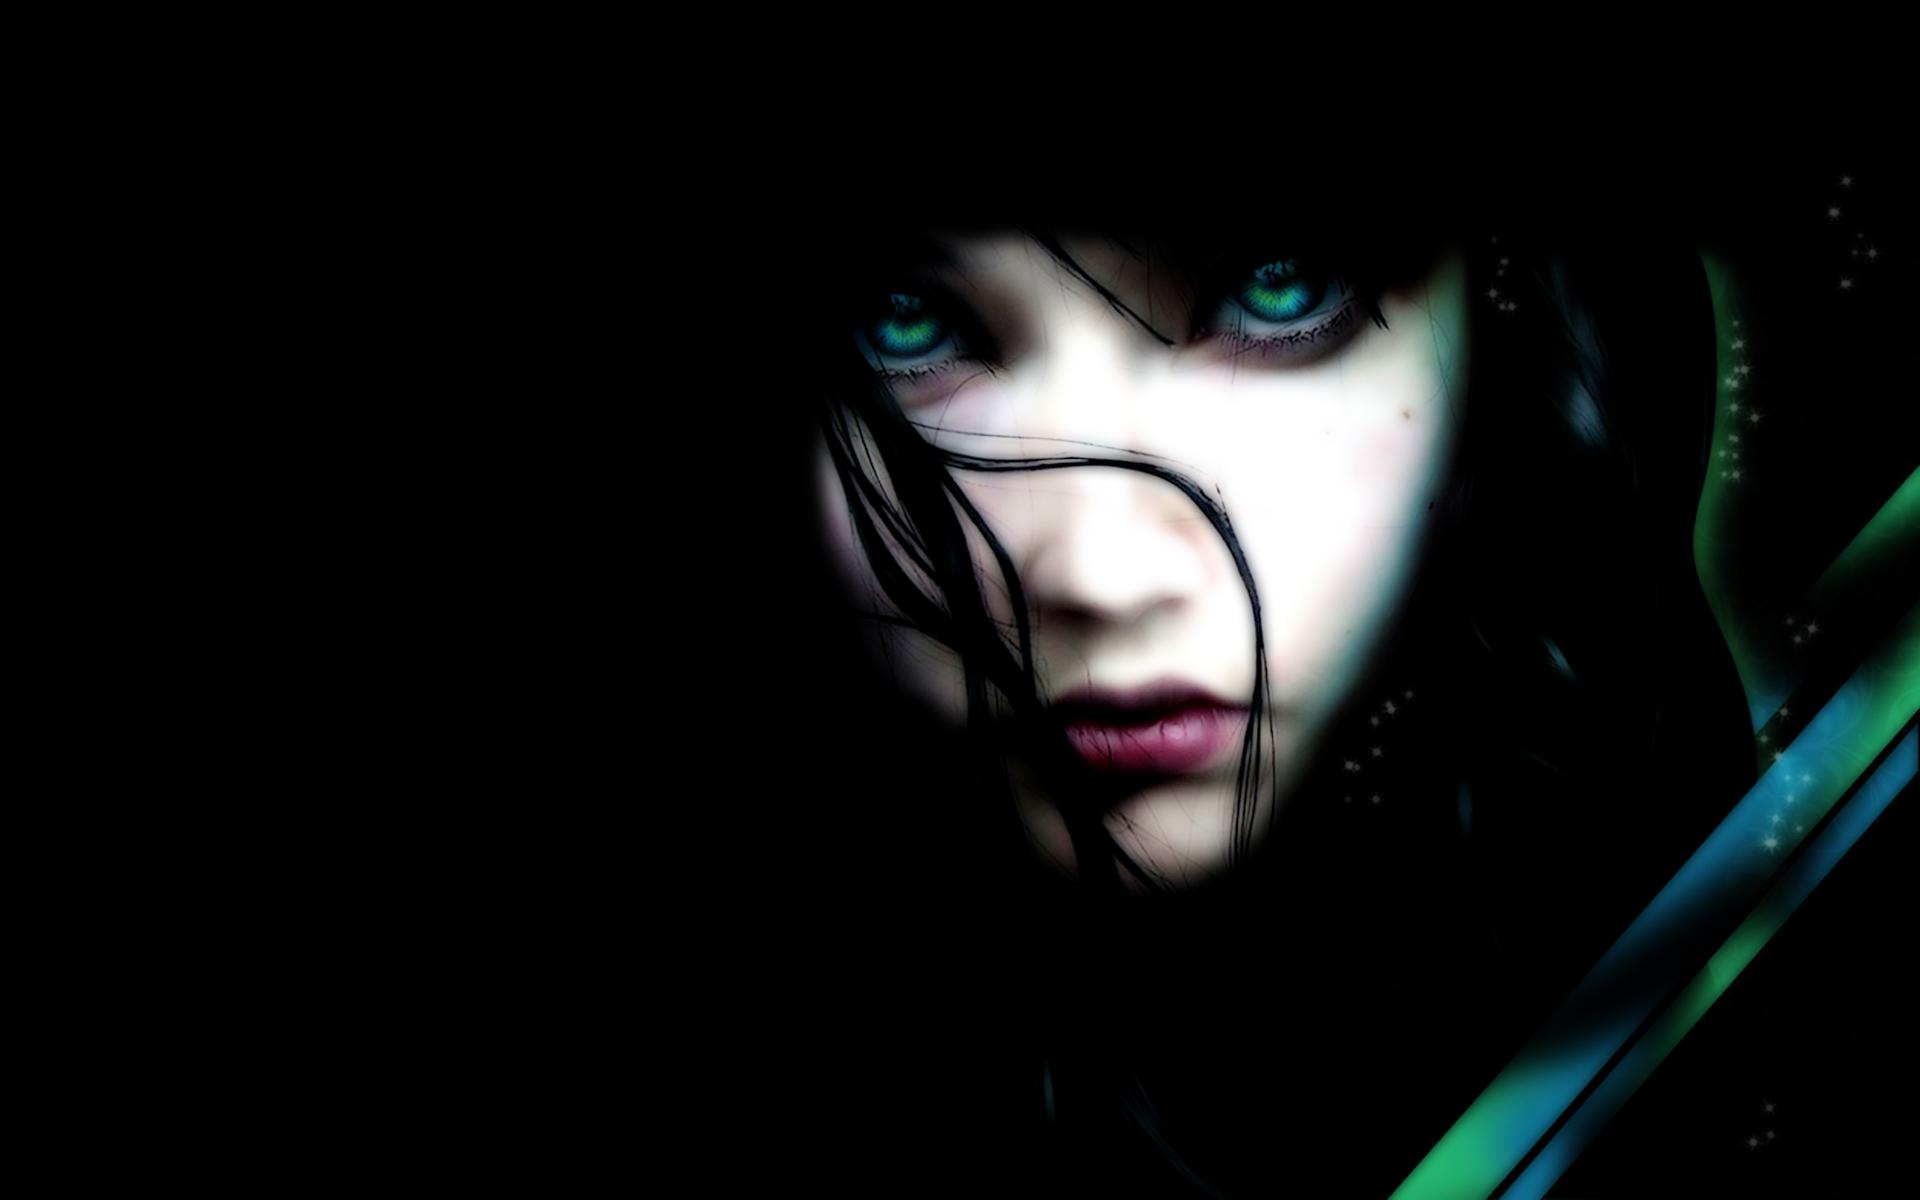 girl on dark wallpaper - photo #18